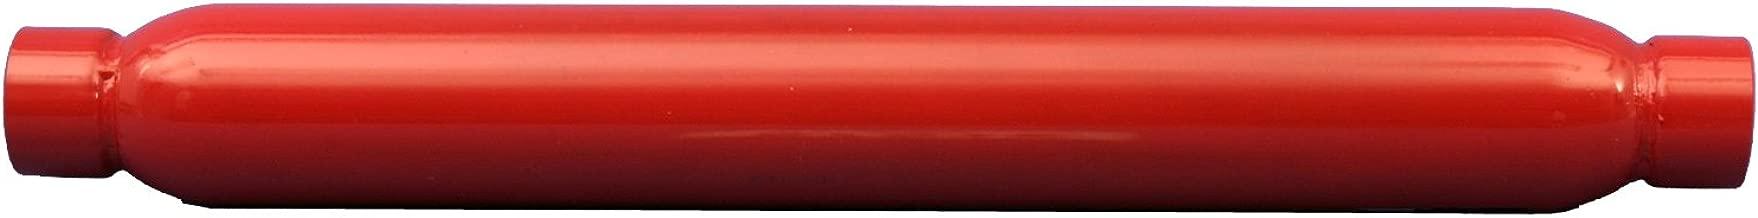 Cherry Bomb 87516 Glasspack Muffler